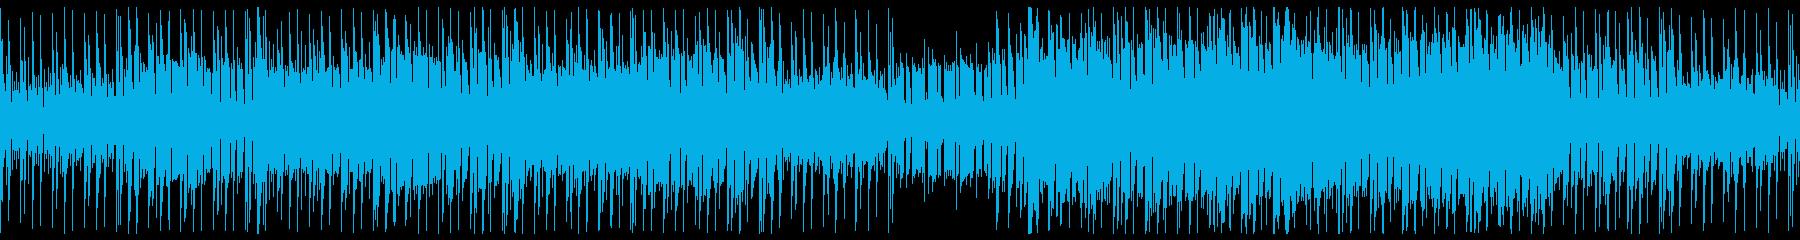 ダークなアップミドルサイバー系BGMの再生済みの波形